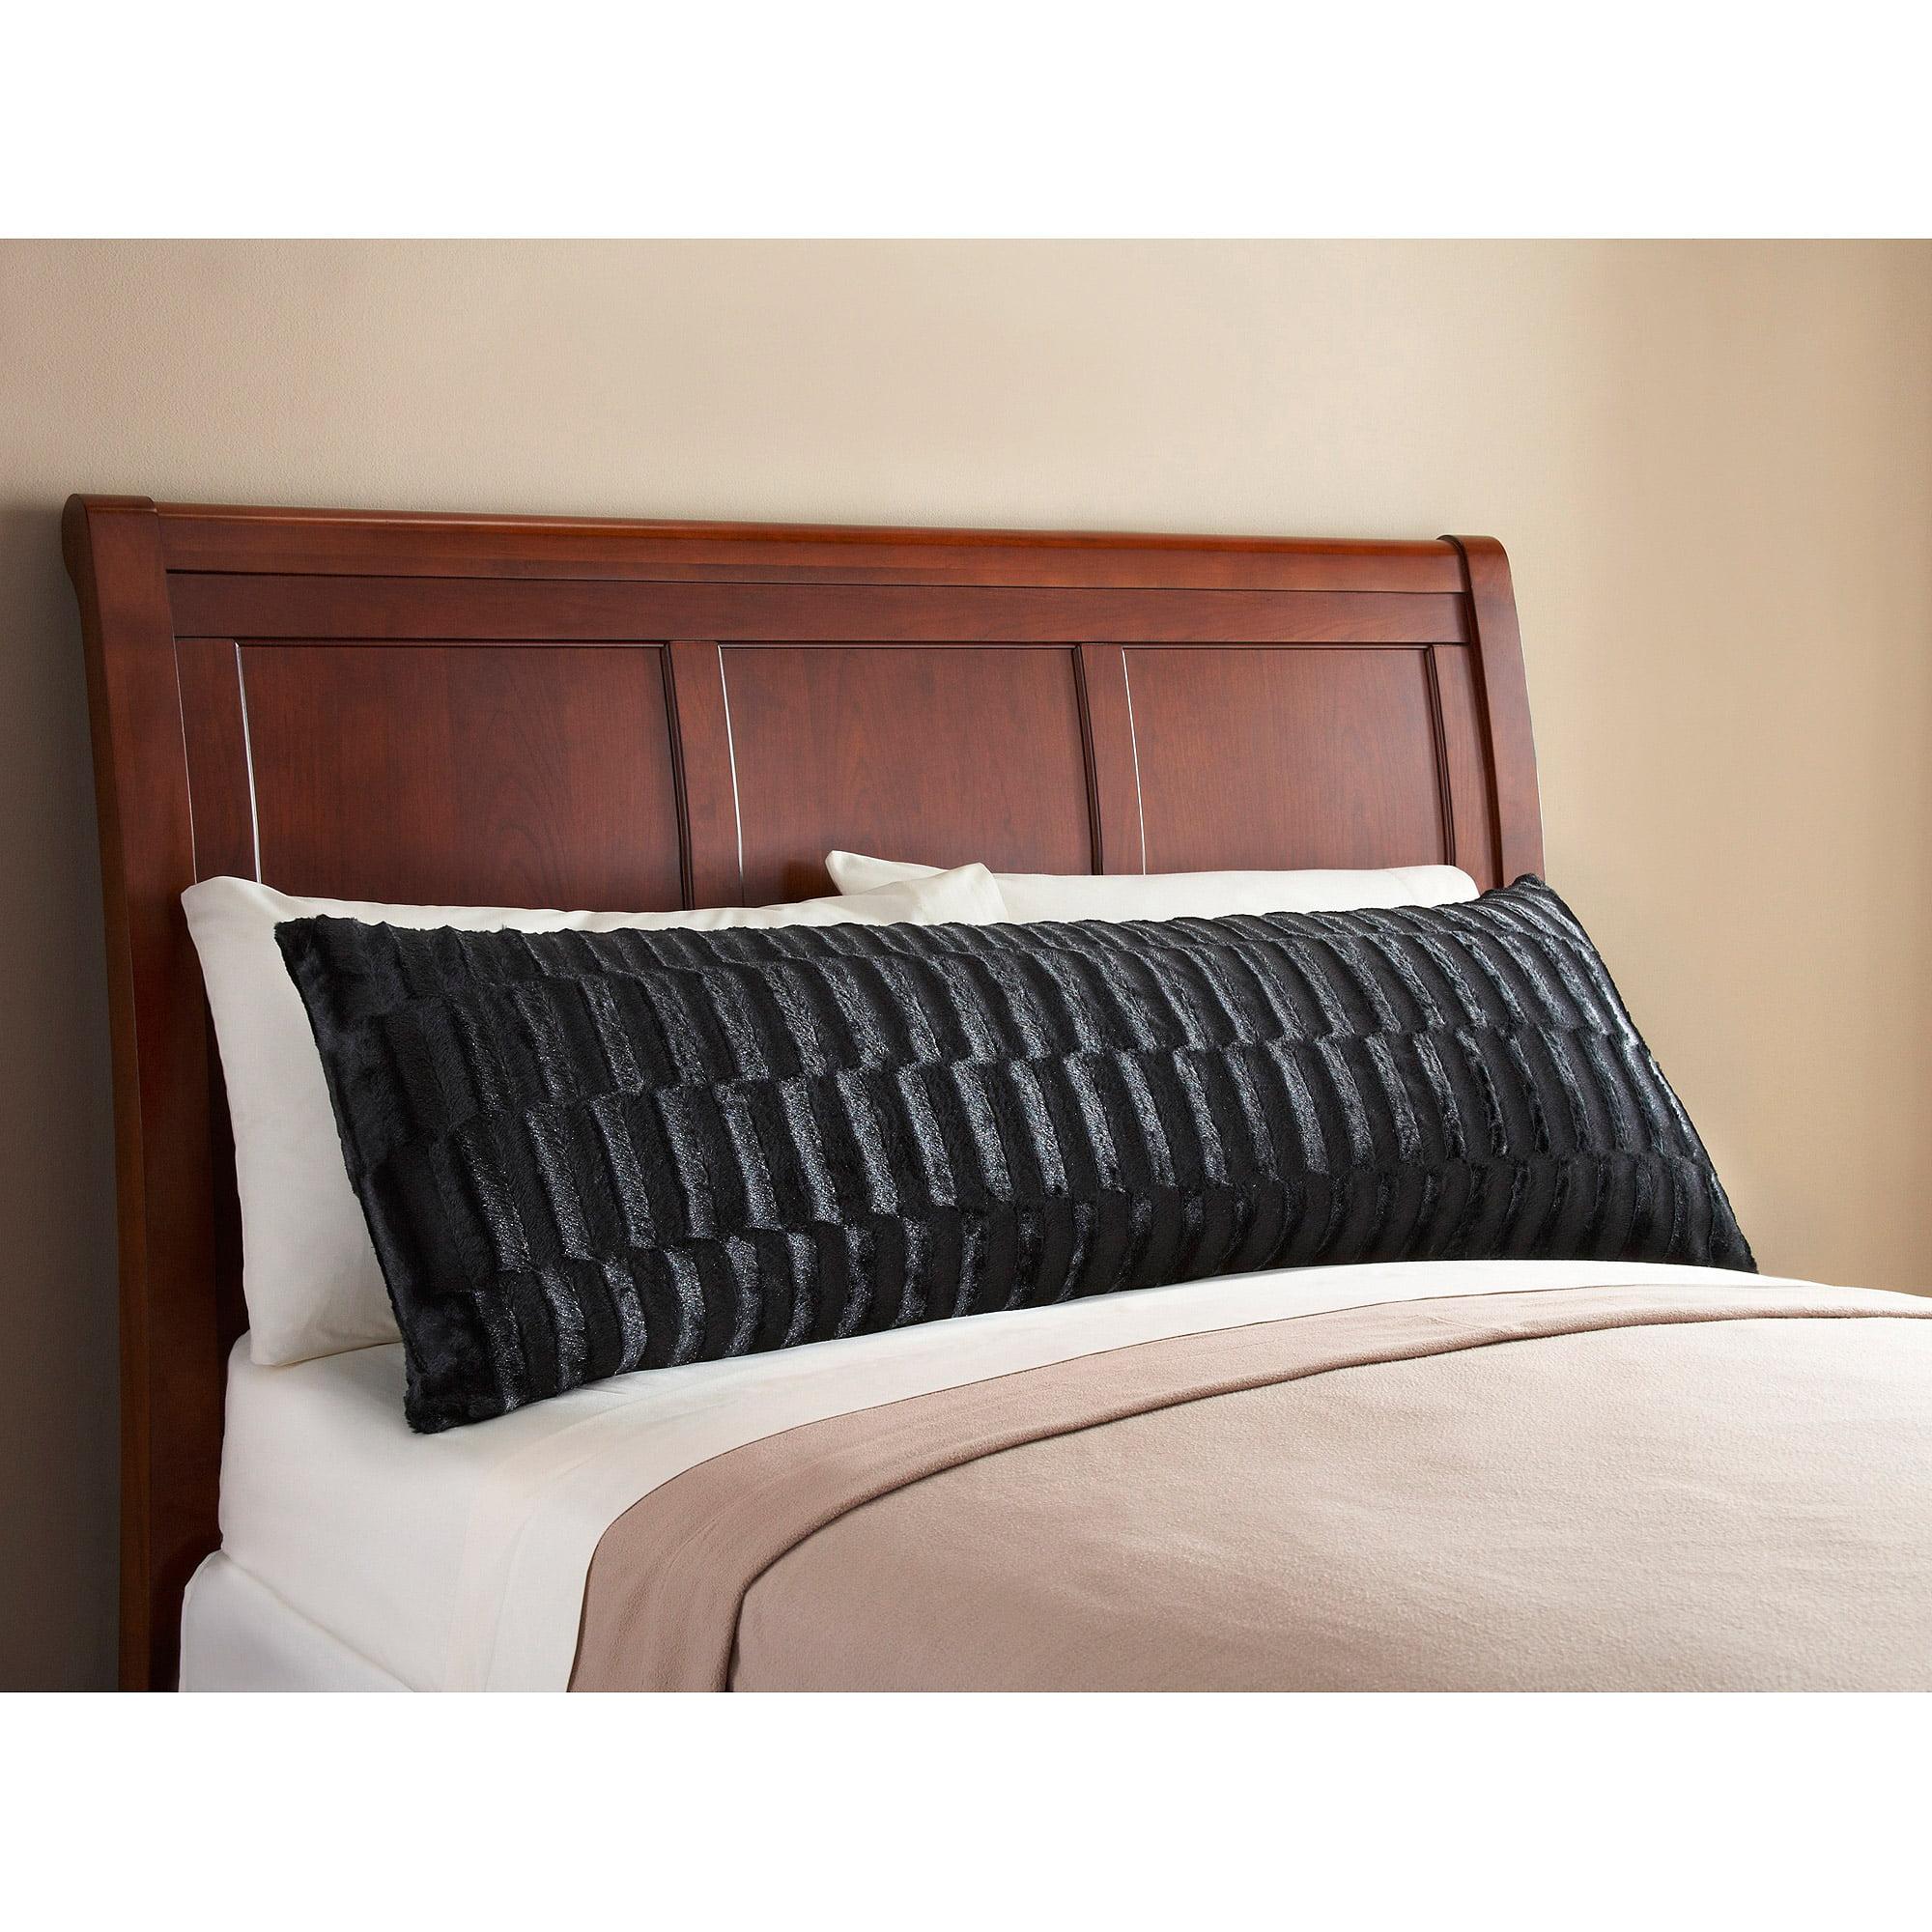 Mainstays Fur Body Pillow Cover - Walmart.com